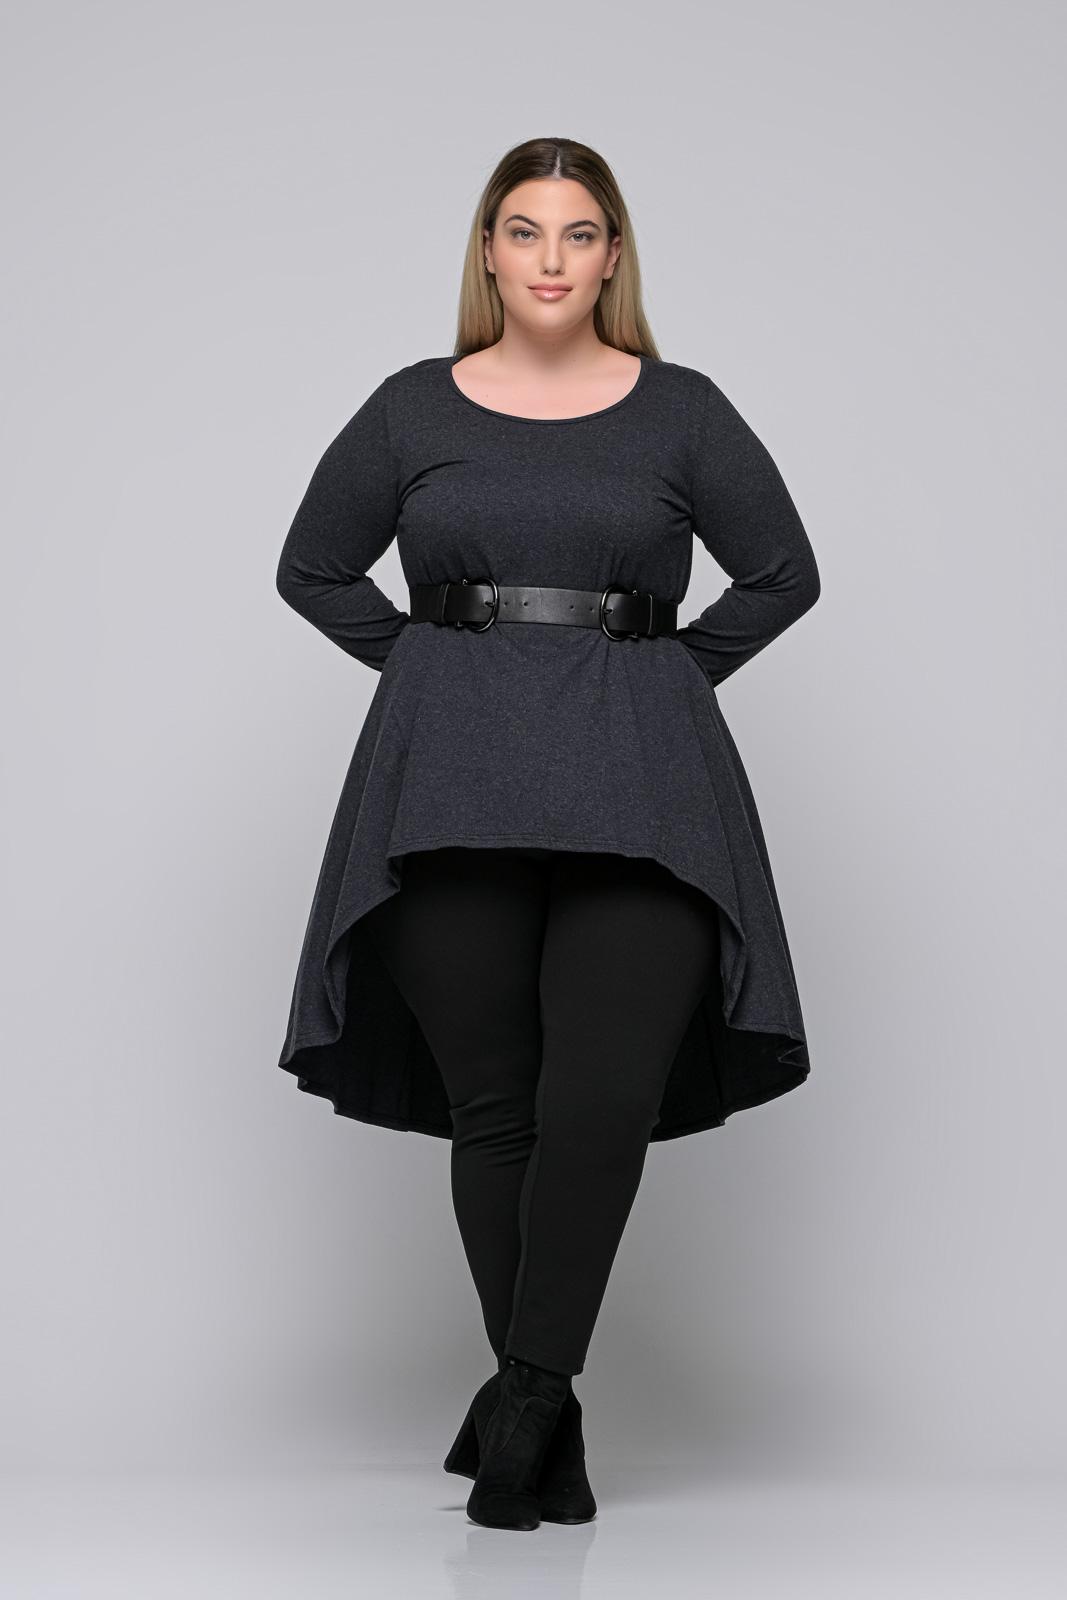 Μπλούζoφόρεμα μεγάλα μεγέθη +Psx γκρι ελαστική βισκόζ. Στο eshop μας θα βρείτε οικονομικά γυναίκεια ρούχα σε μεγάλα μεγέθη και υπερμεγέθη.